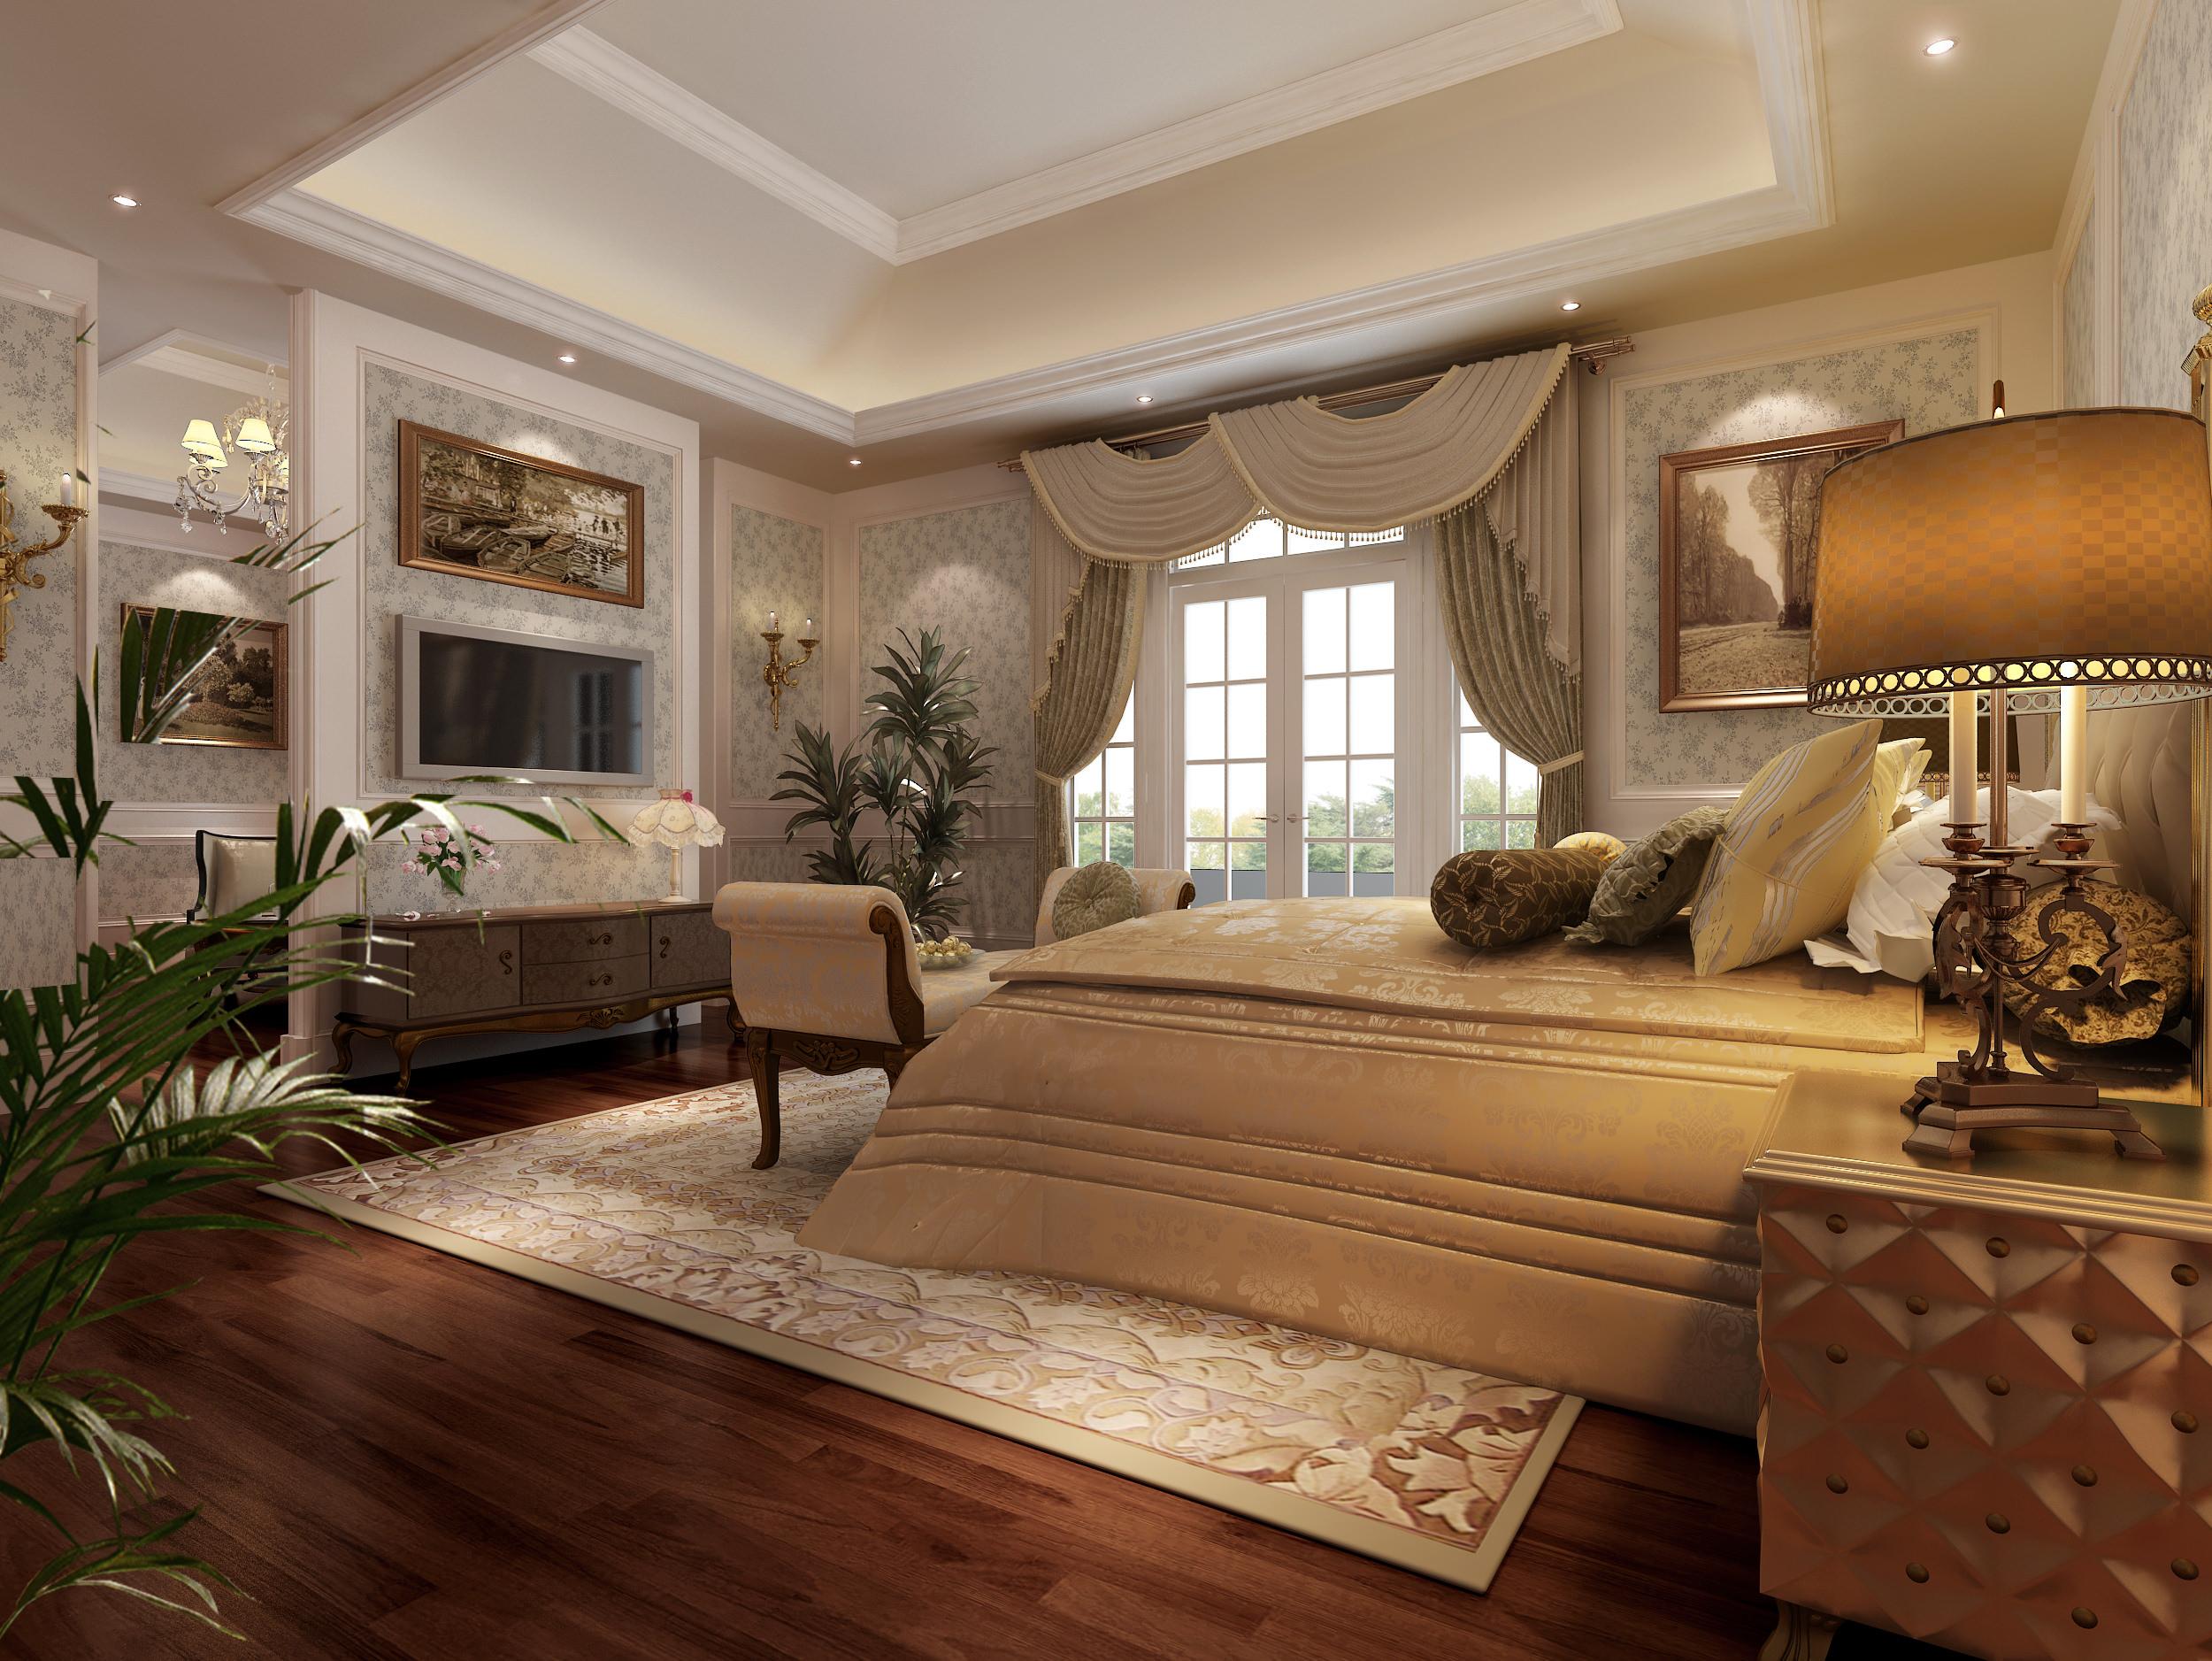 Bedroom Furniture 3d Models bedroom furniture 3d model | cgtrader